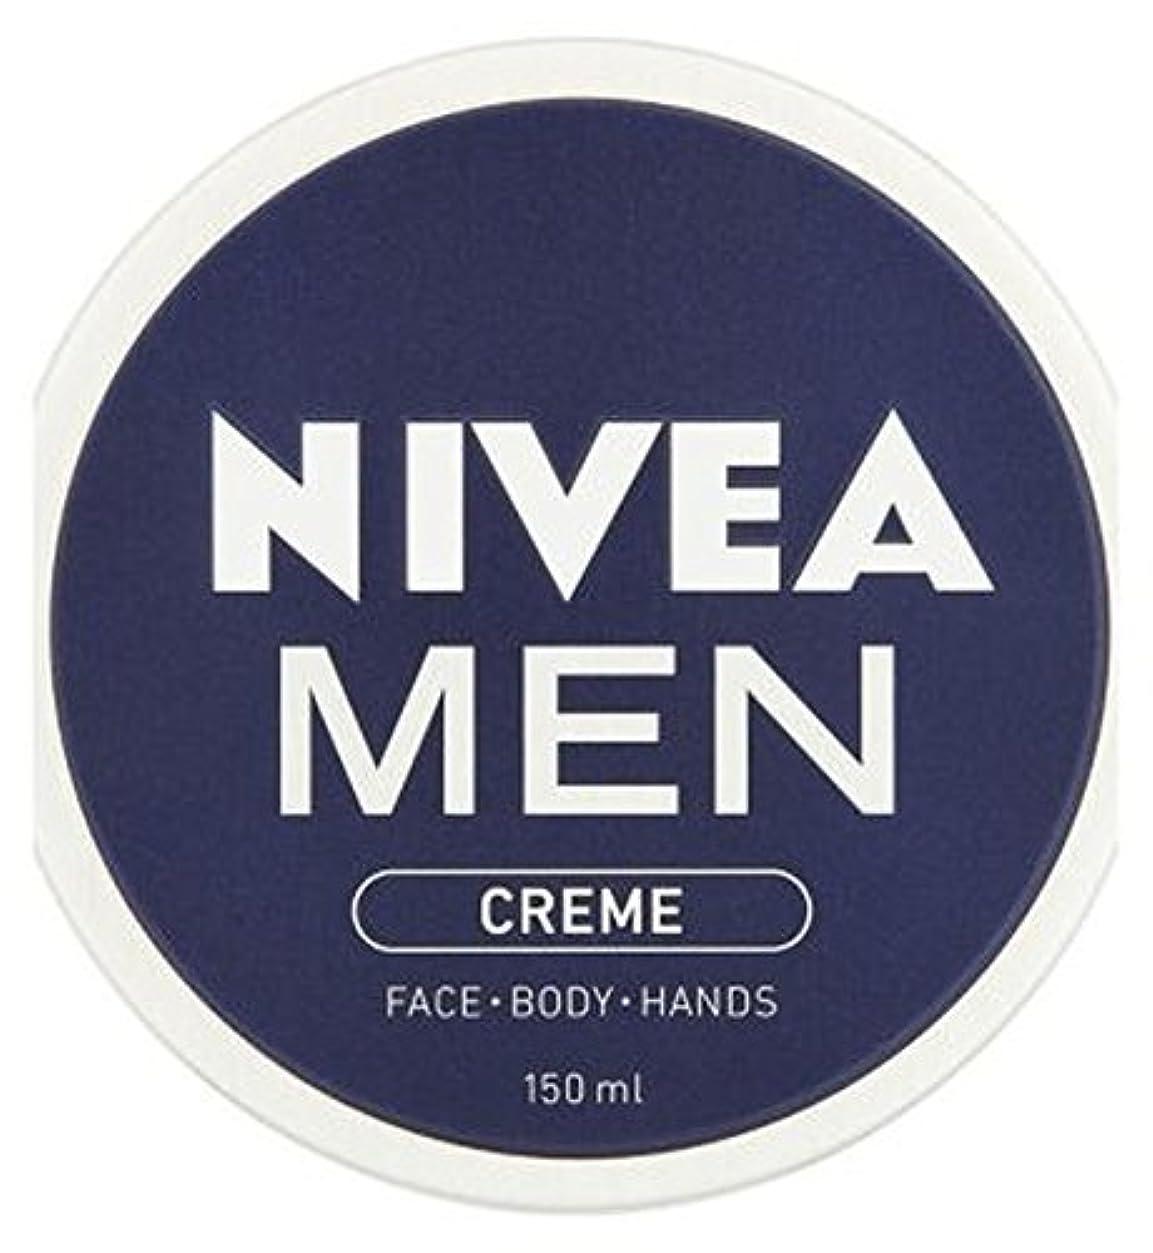 科学者惑星緯度NIVEA MEN Creme 150ml - ニベアの男性が150ミリリットルクリーム (Nivea) [並行輸入品]